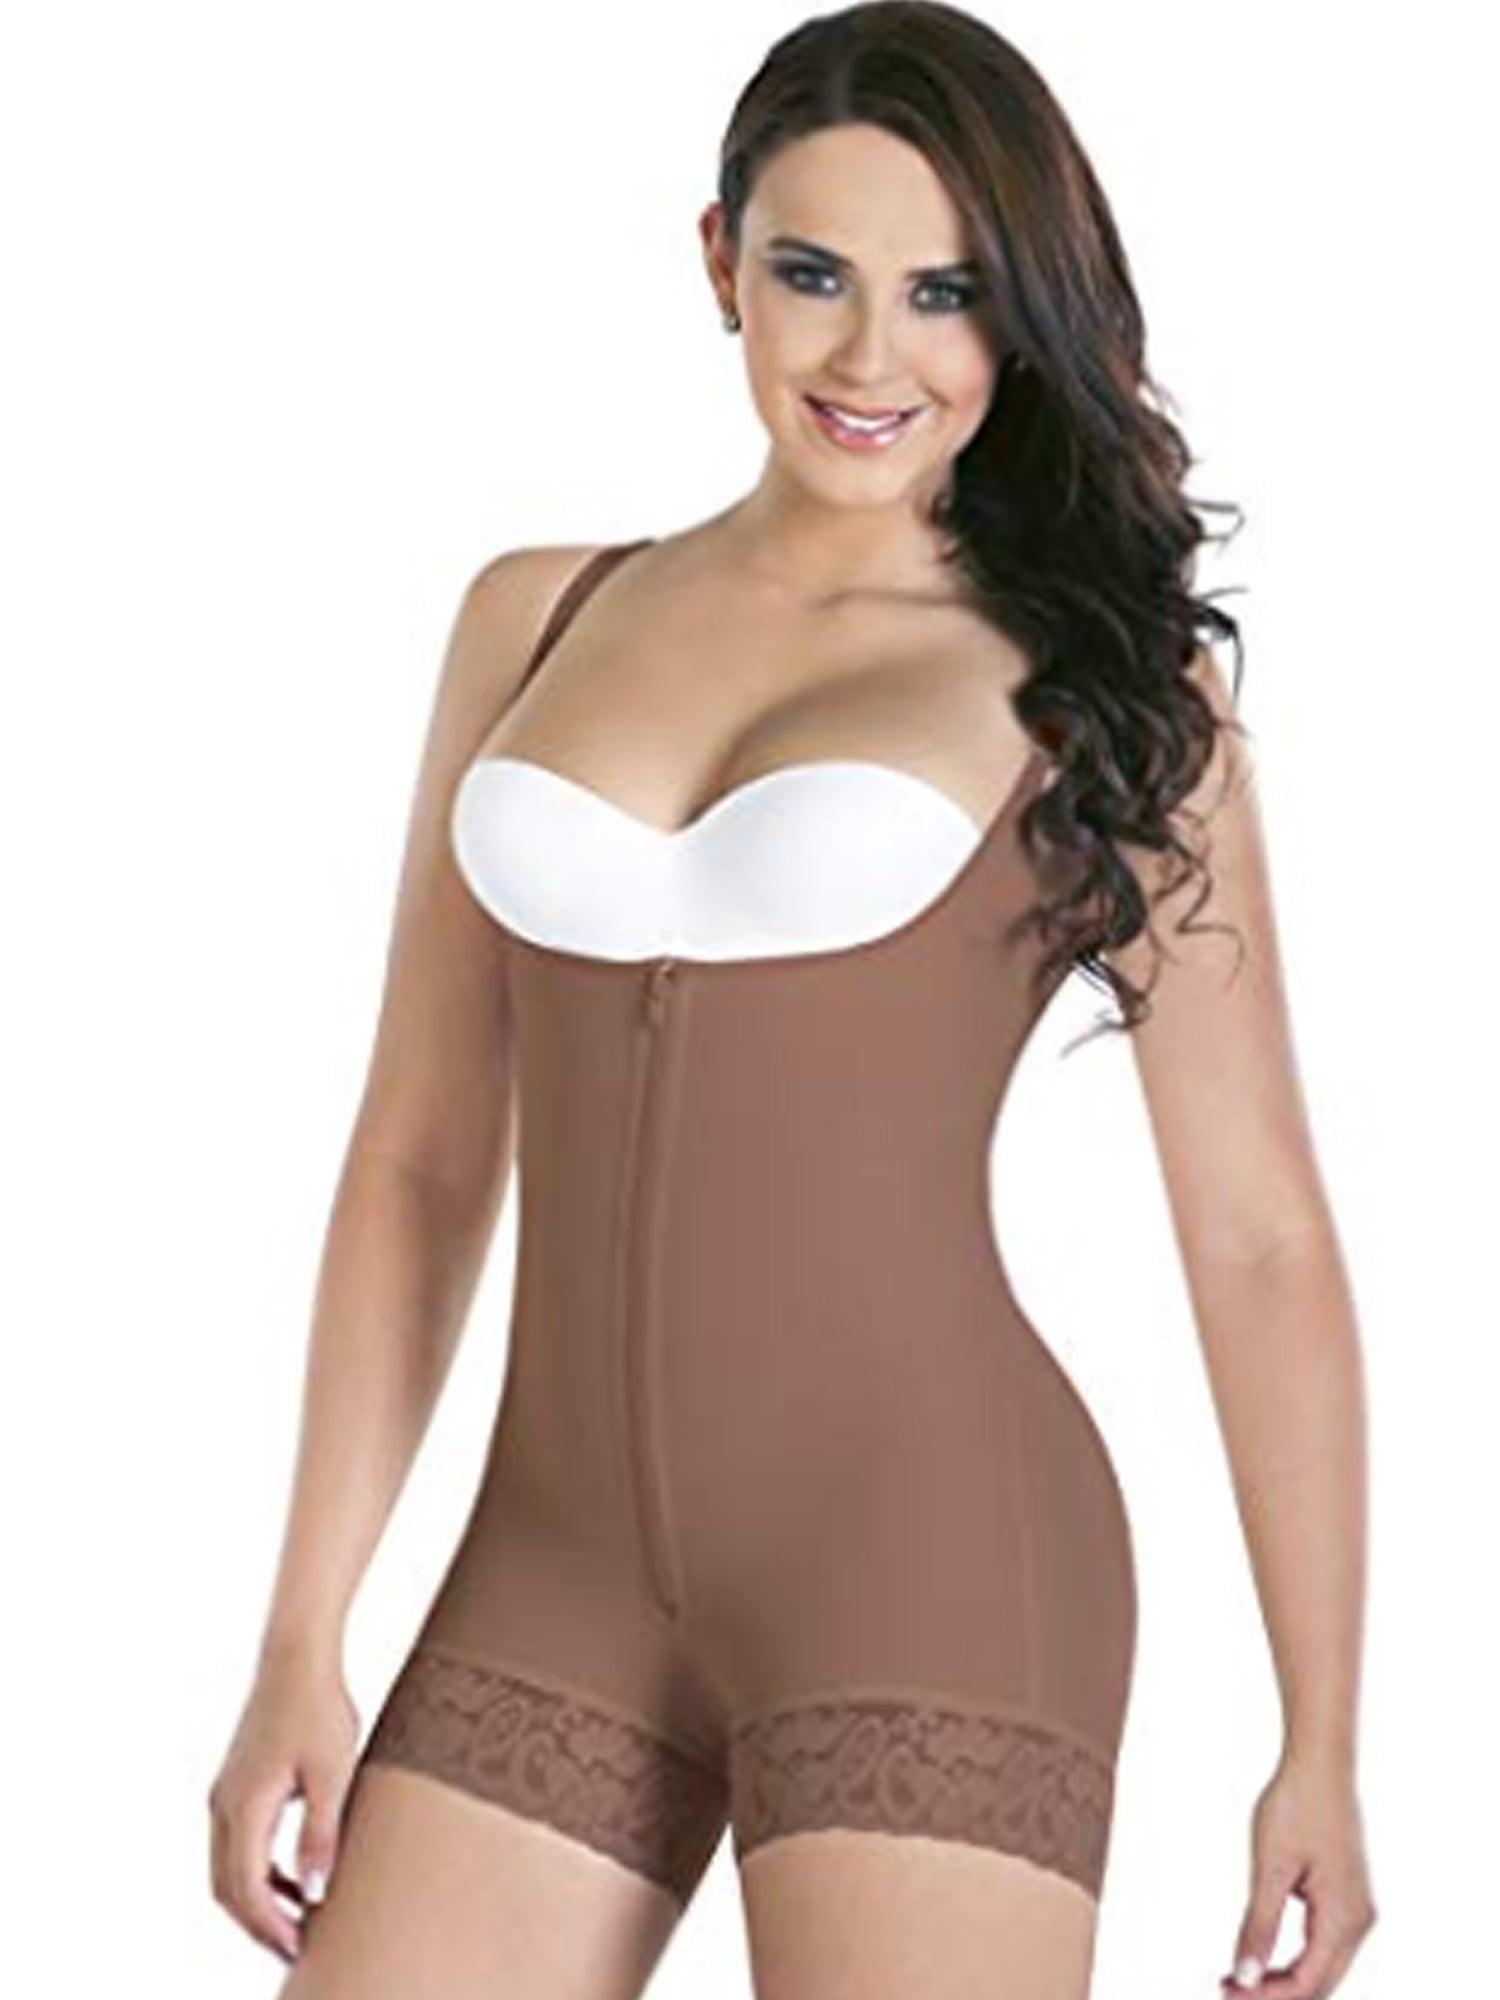 3c0ae6d37a6 MARIAE 9235 Braless Slimming Girdle Tummy Control Shapewear